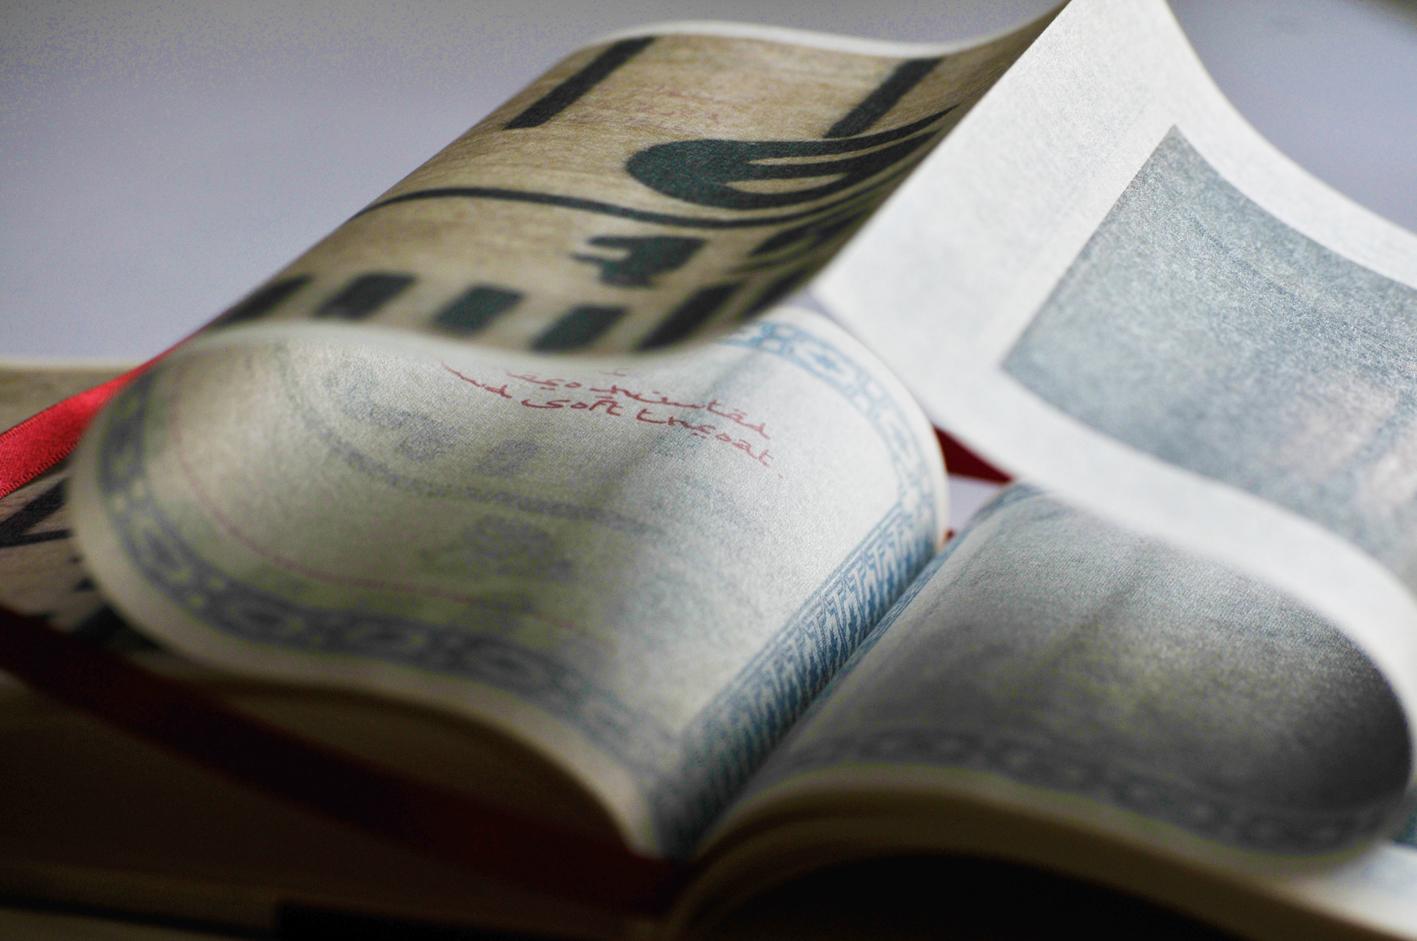 A. Covino - Respice, Adspice/Examine the past, Examine the present, Examine the future